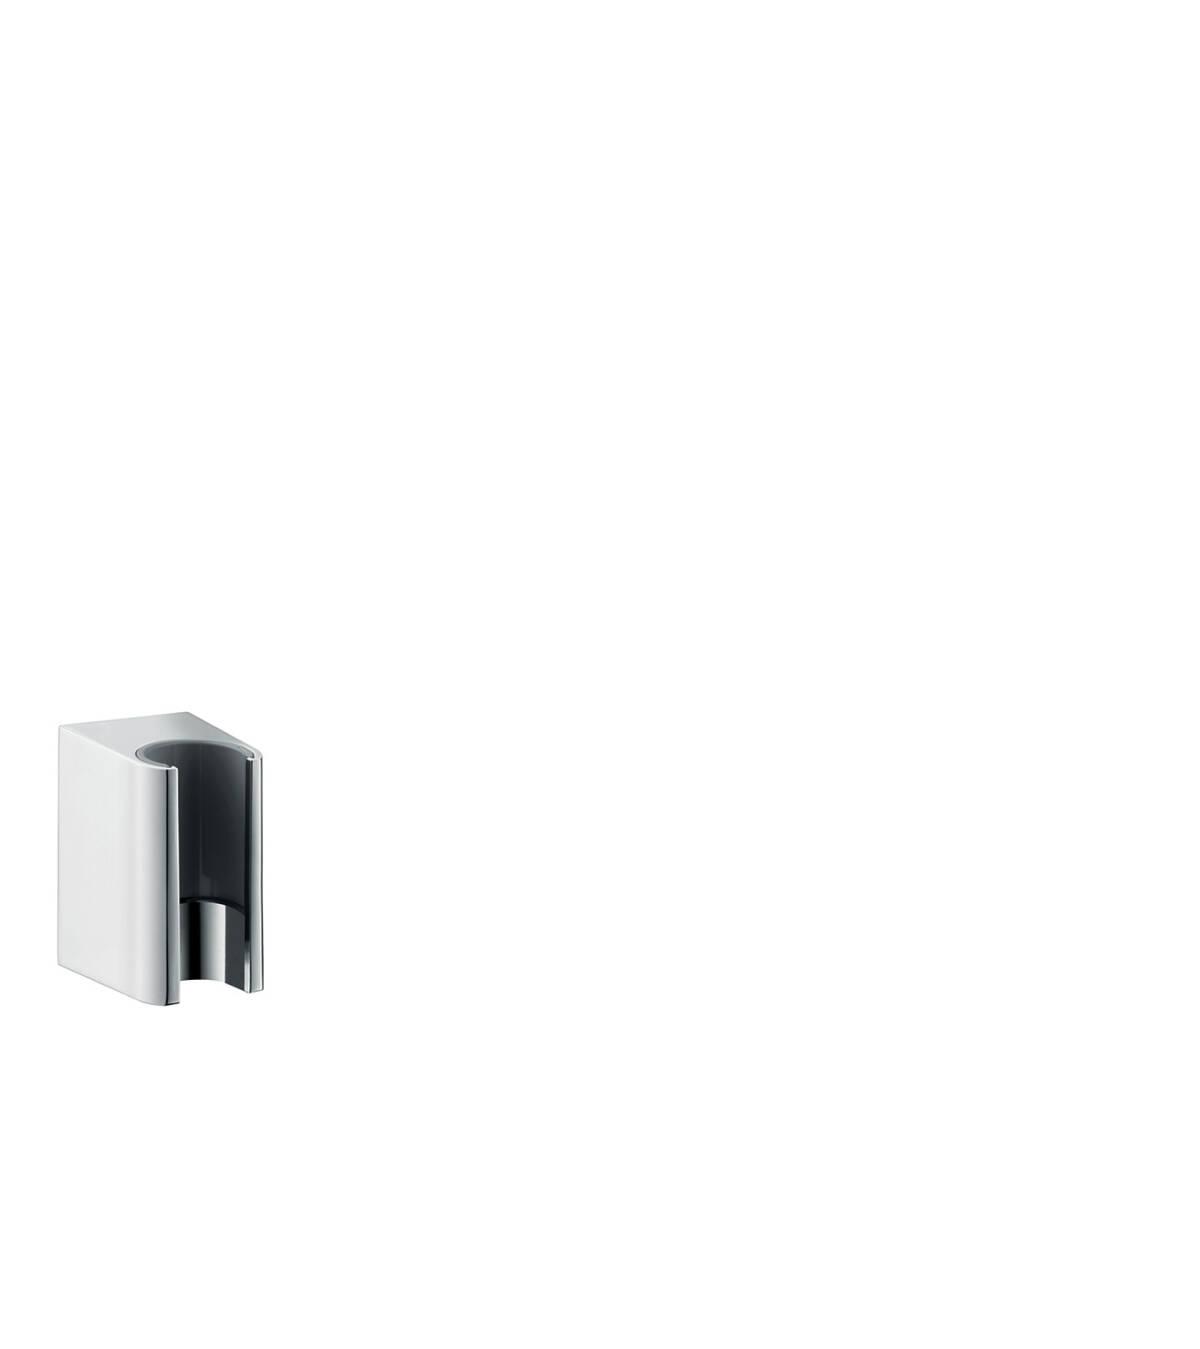 Shower holder, Polished Brass, 45721930